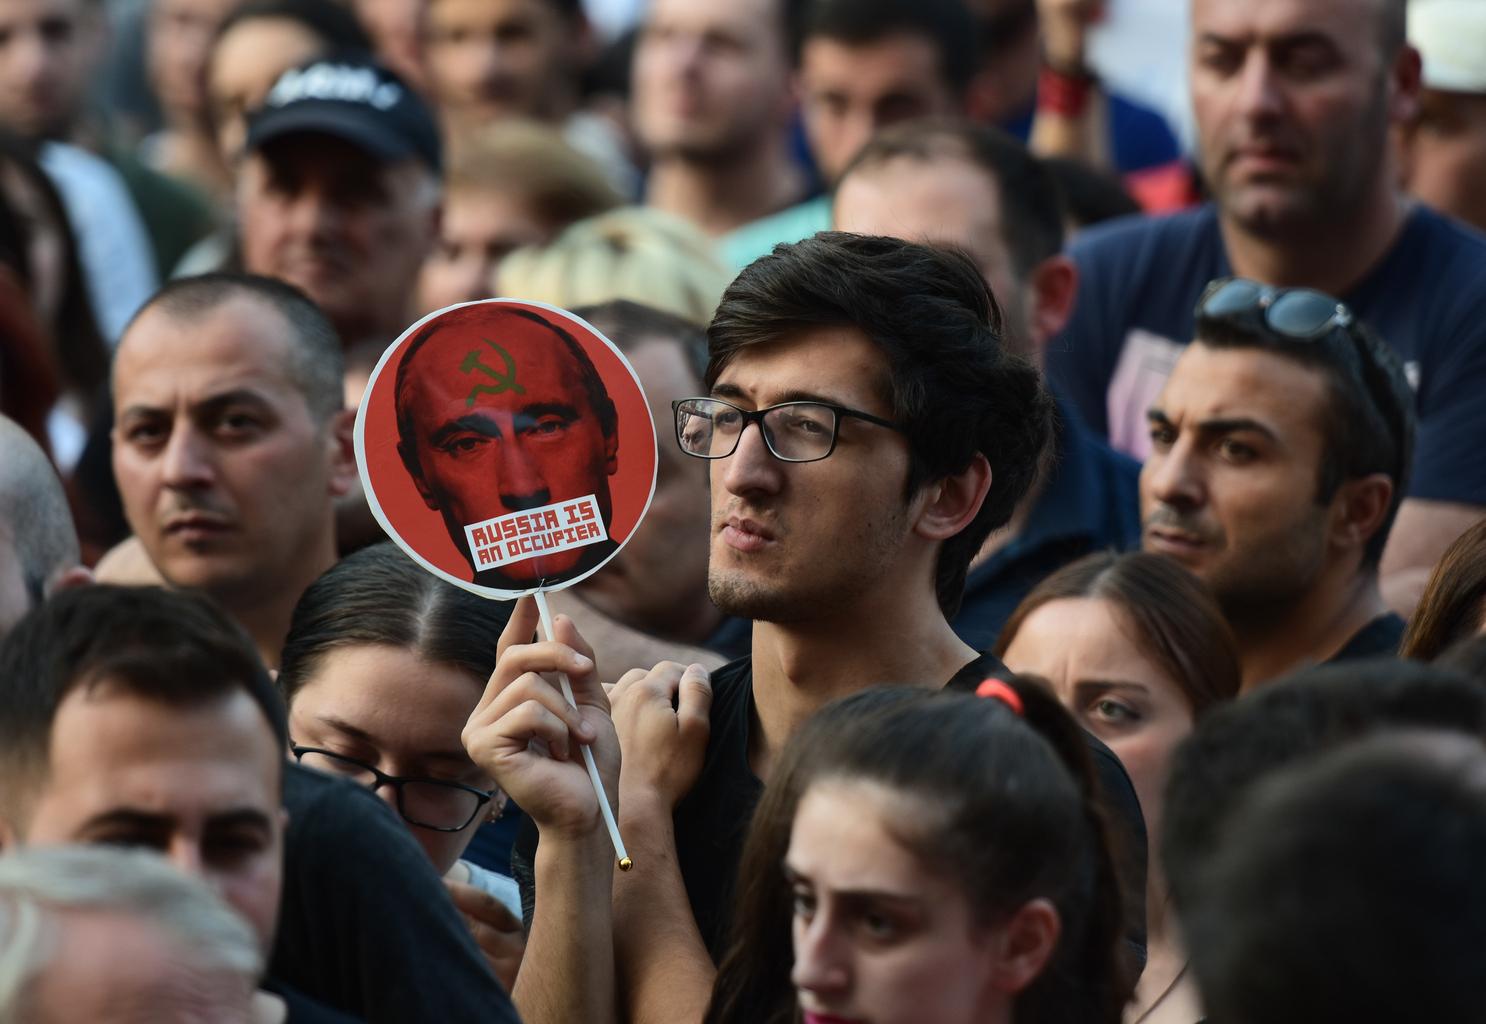 Oroszellenes tüntetés Tbilisziben, Grúzia fővárosában 2019. június 20-án #moszkvater